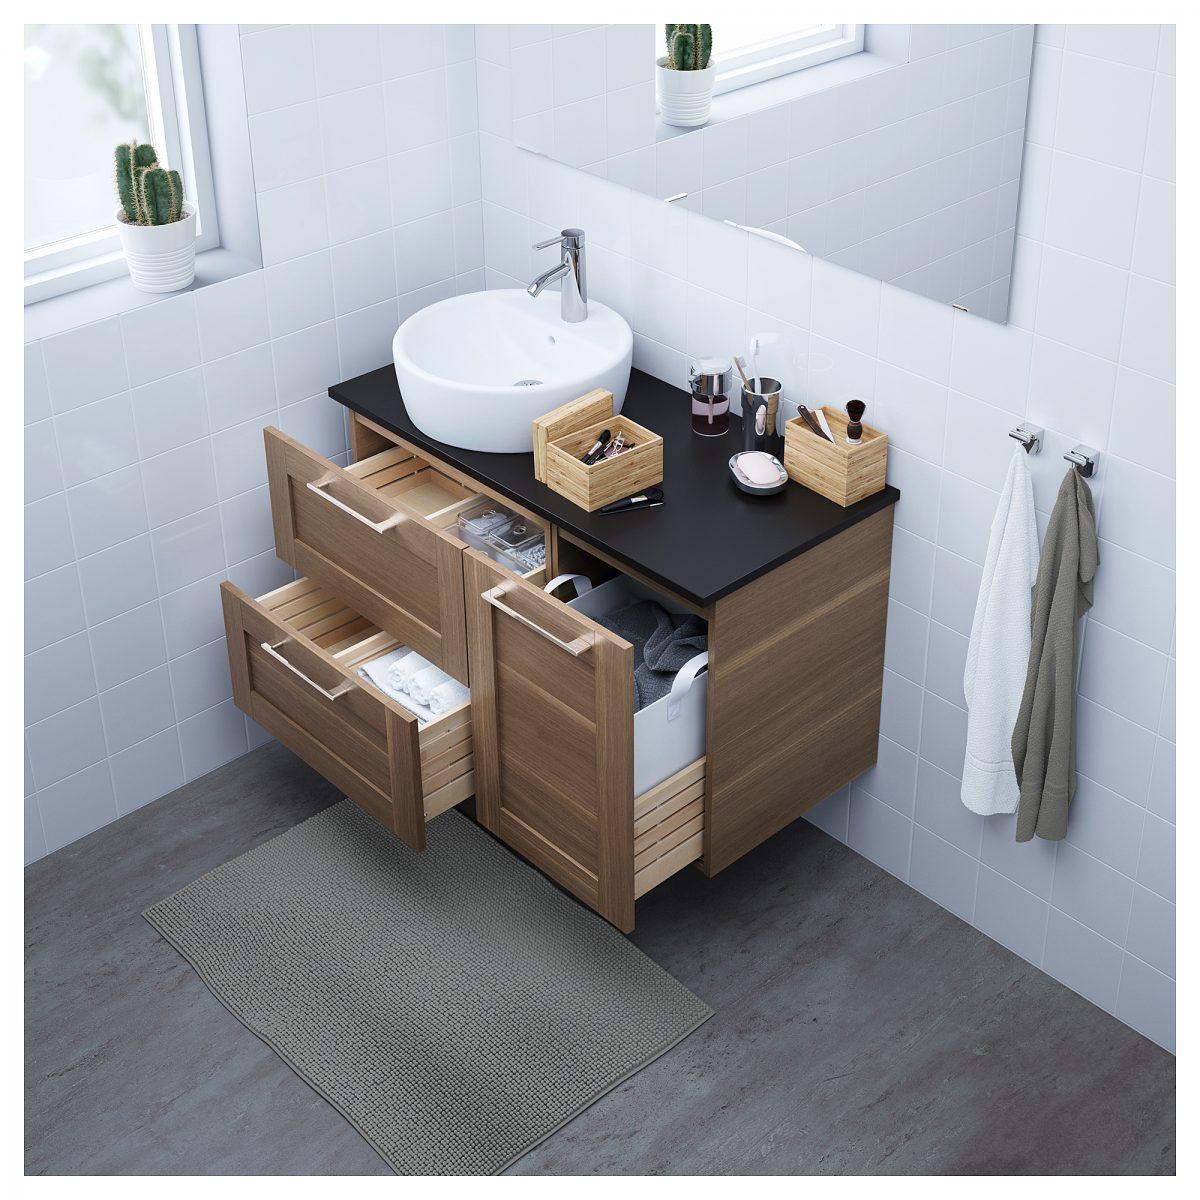 Catalogo ikea arredo bagno - Ikea vasca da bagno ...